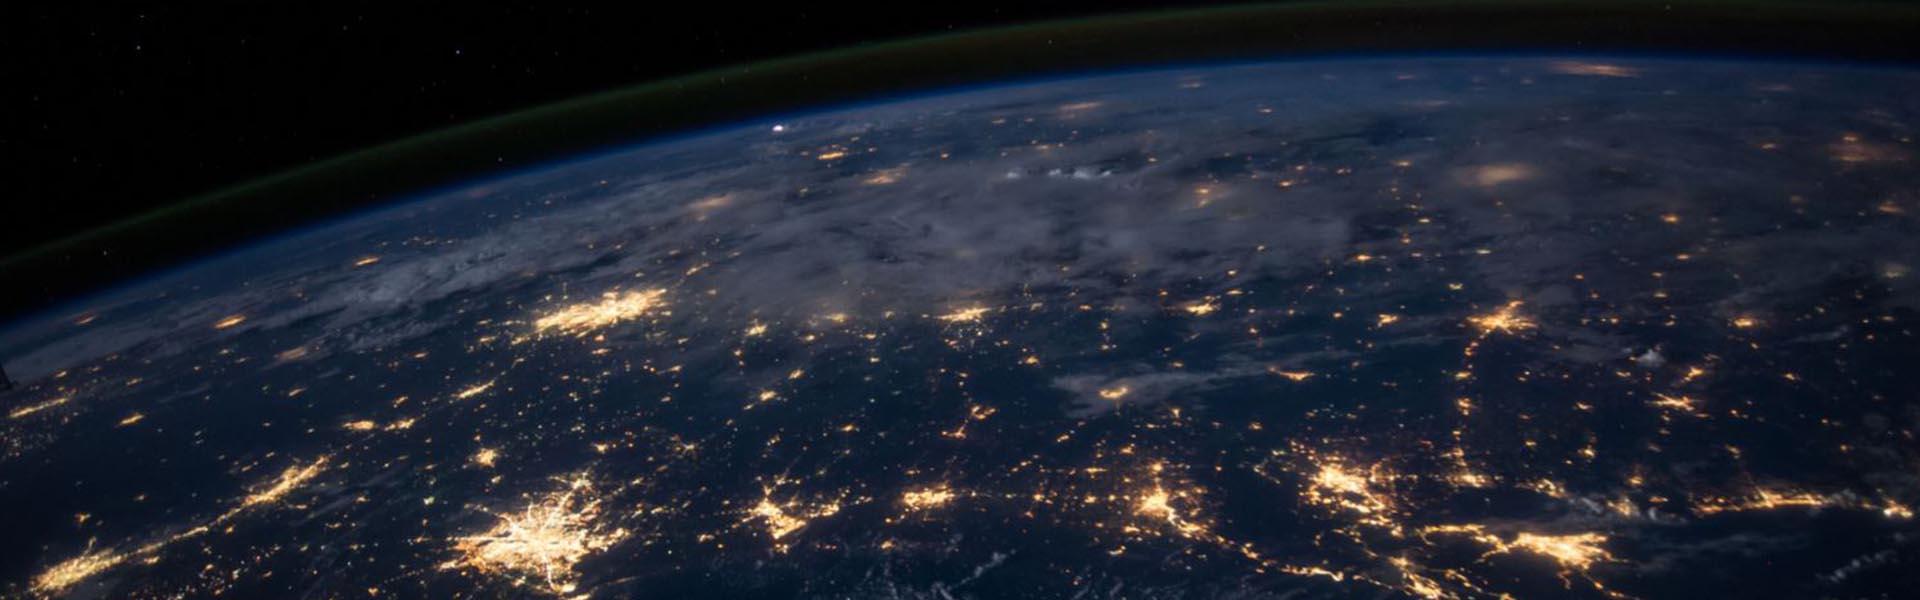 Vista do espaço do planeta terra dados rgpd